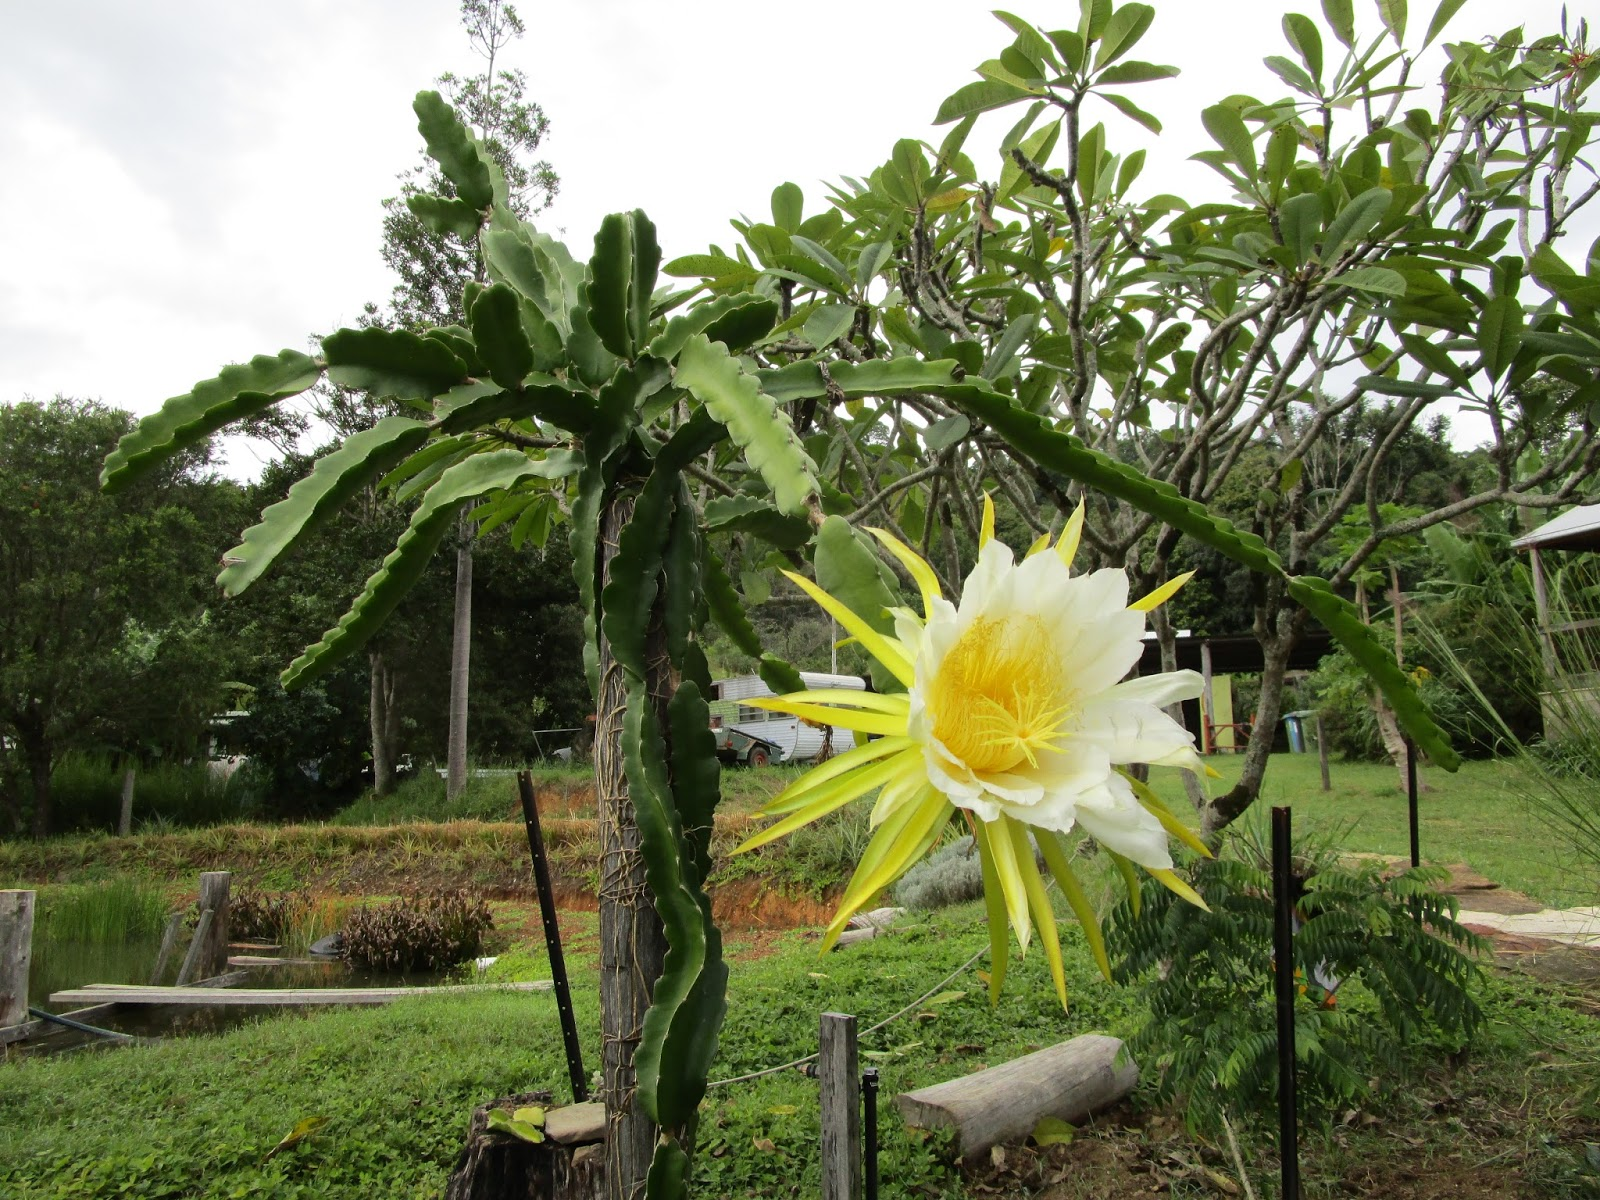 The dragon fruit flower